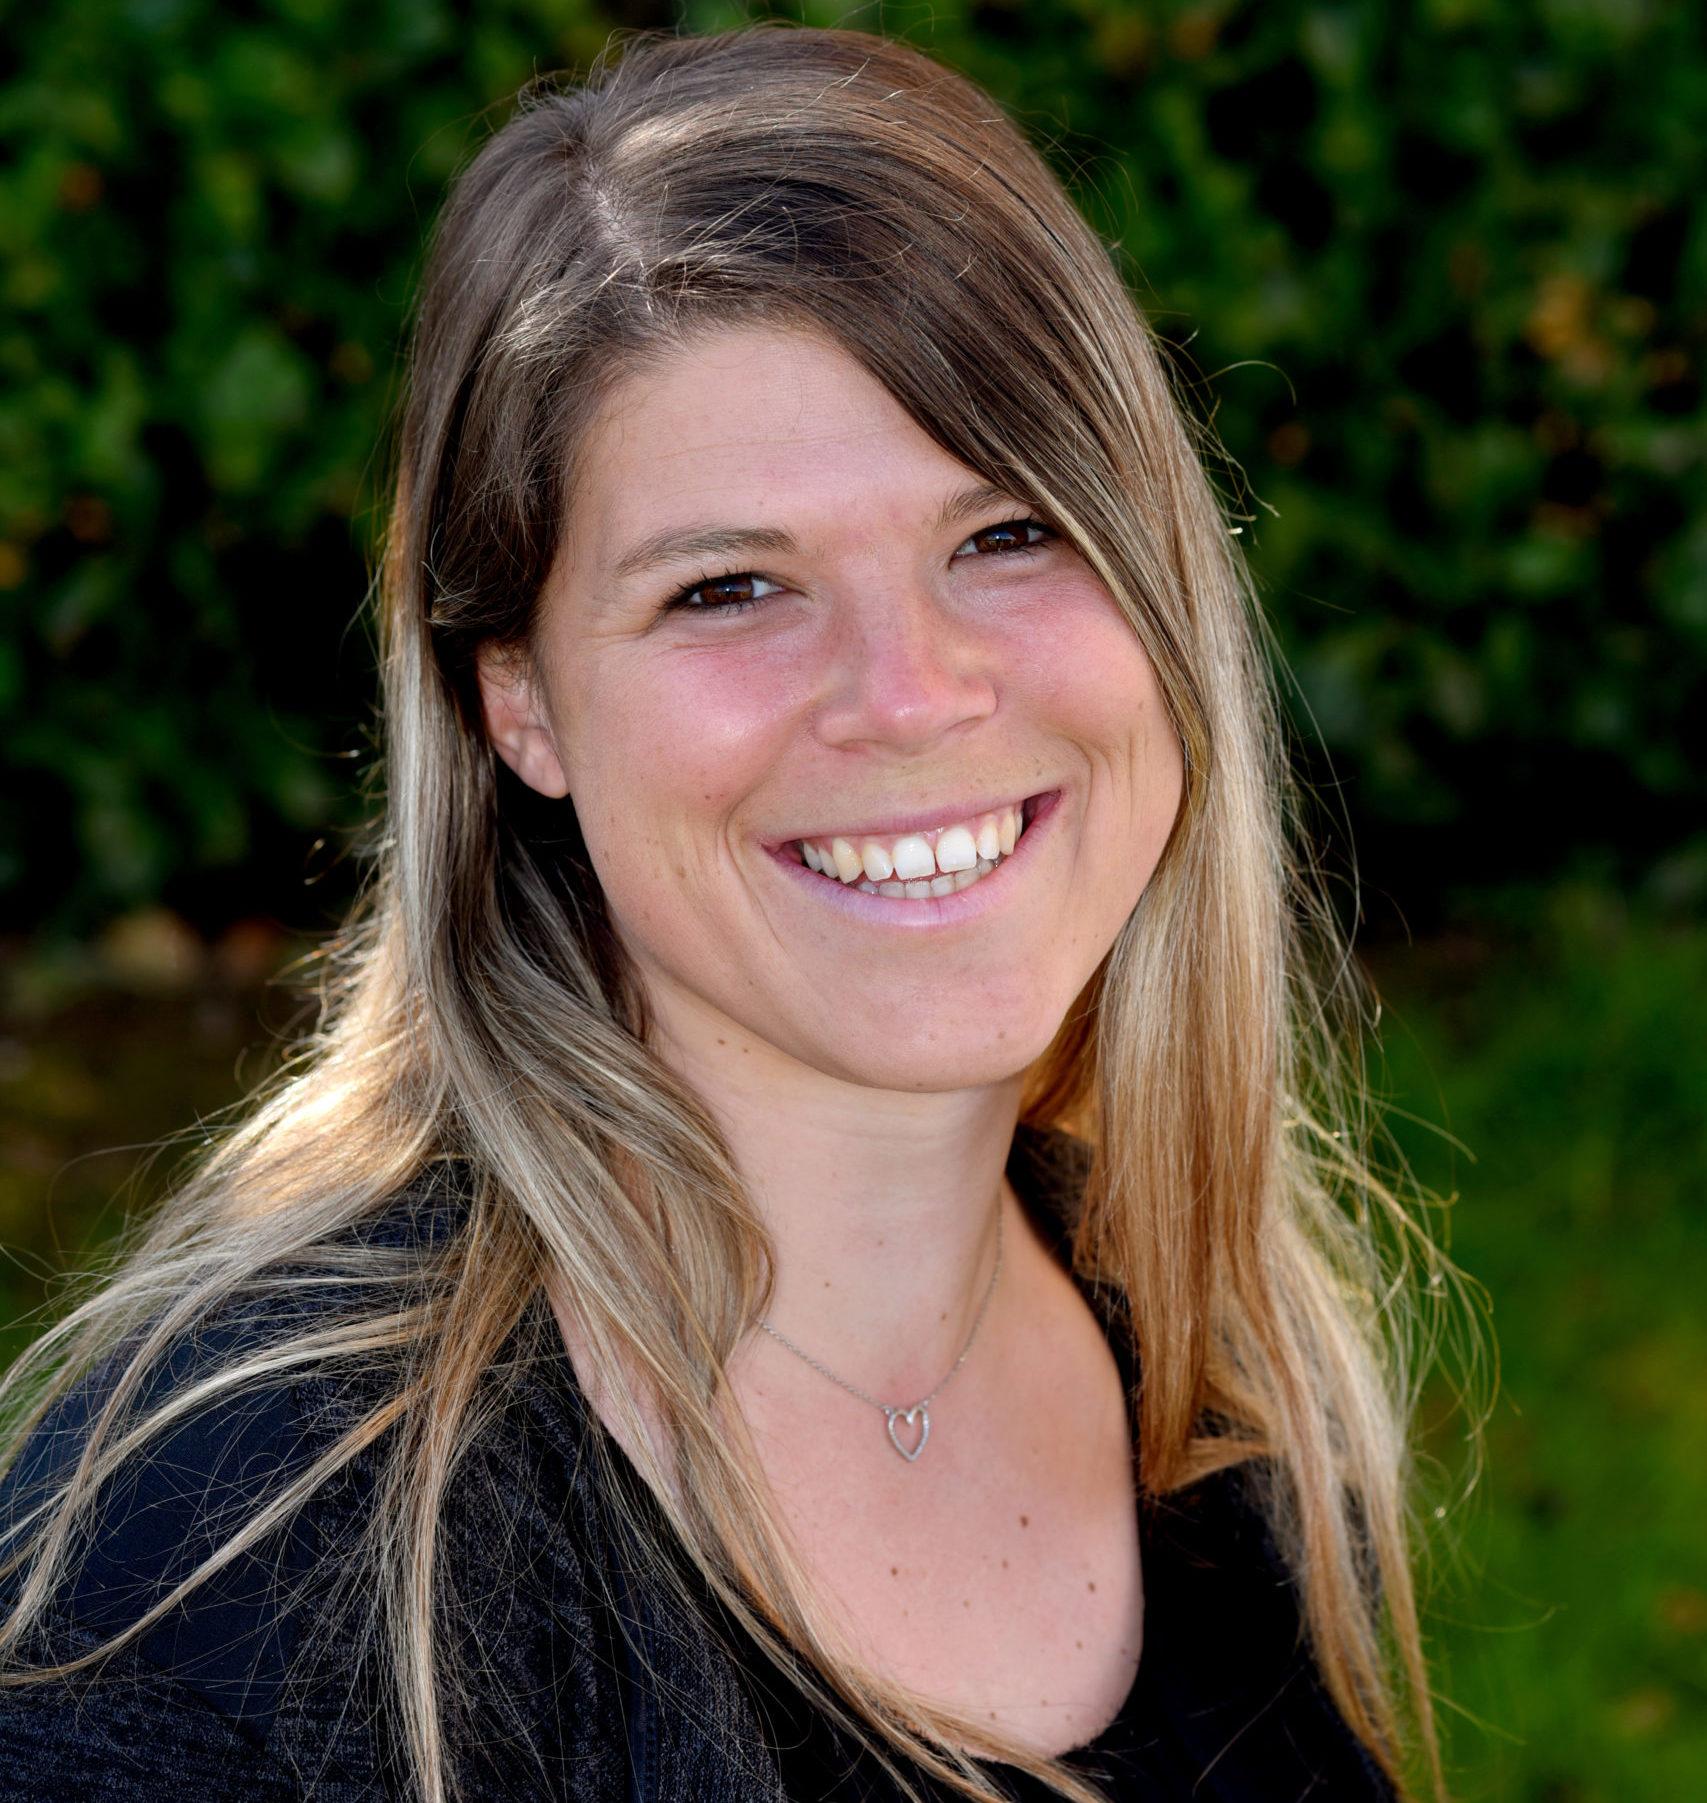 Christina Stöttinger